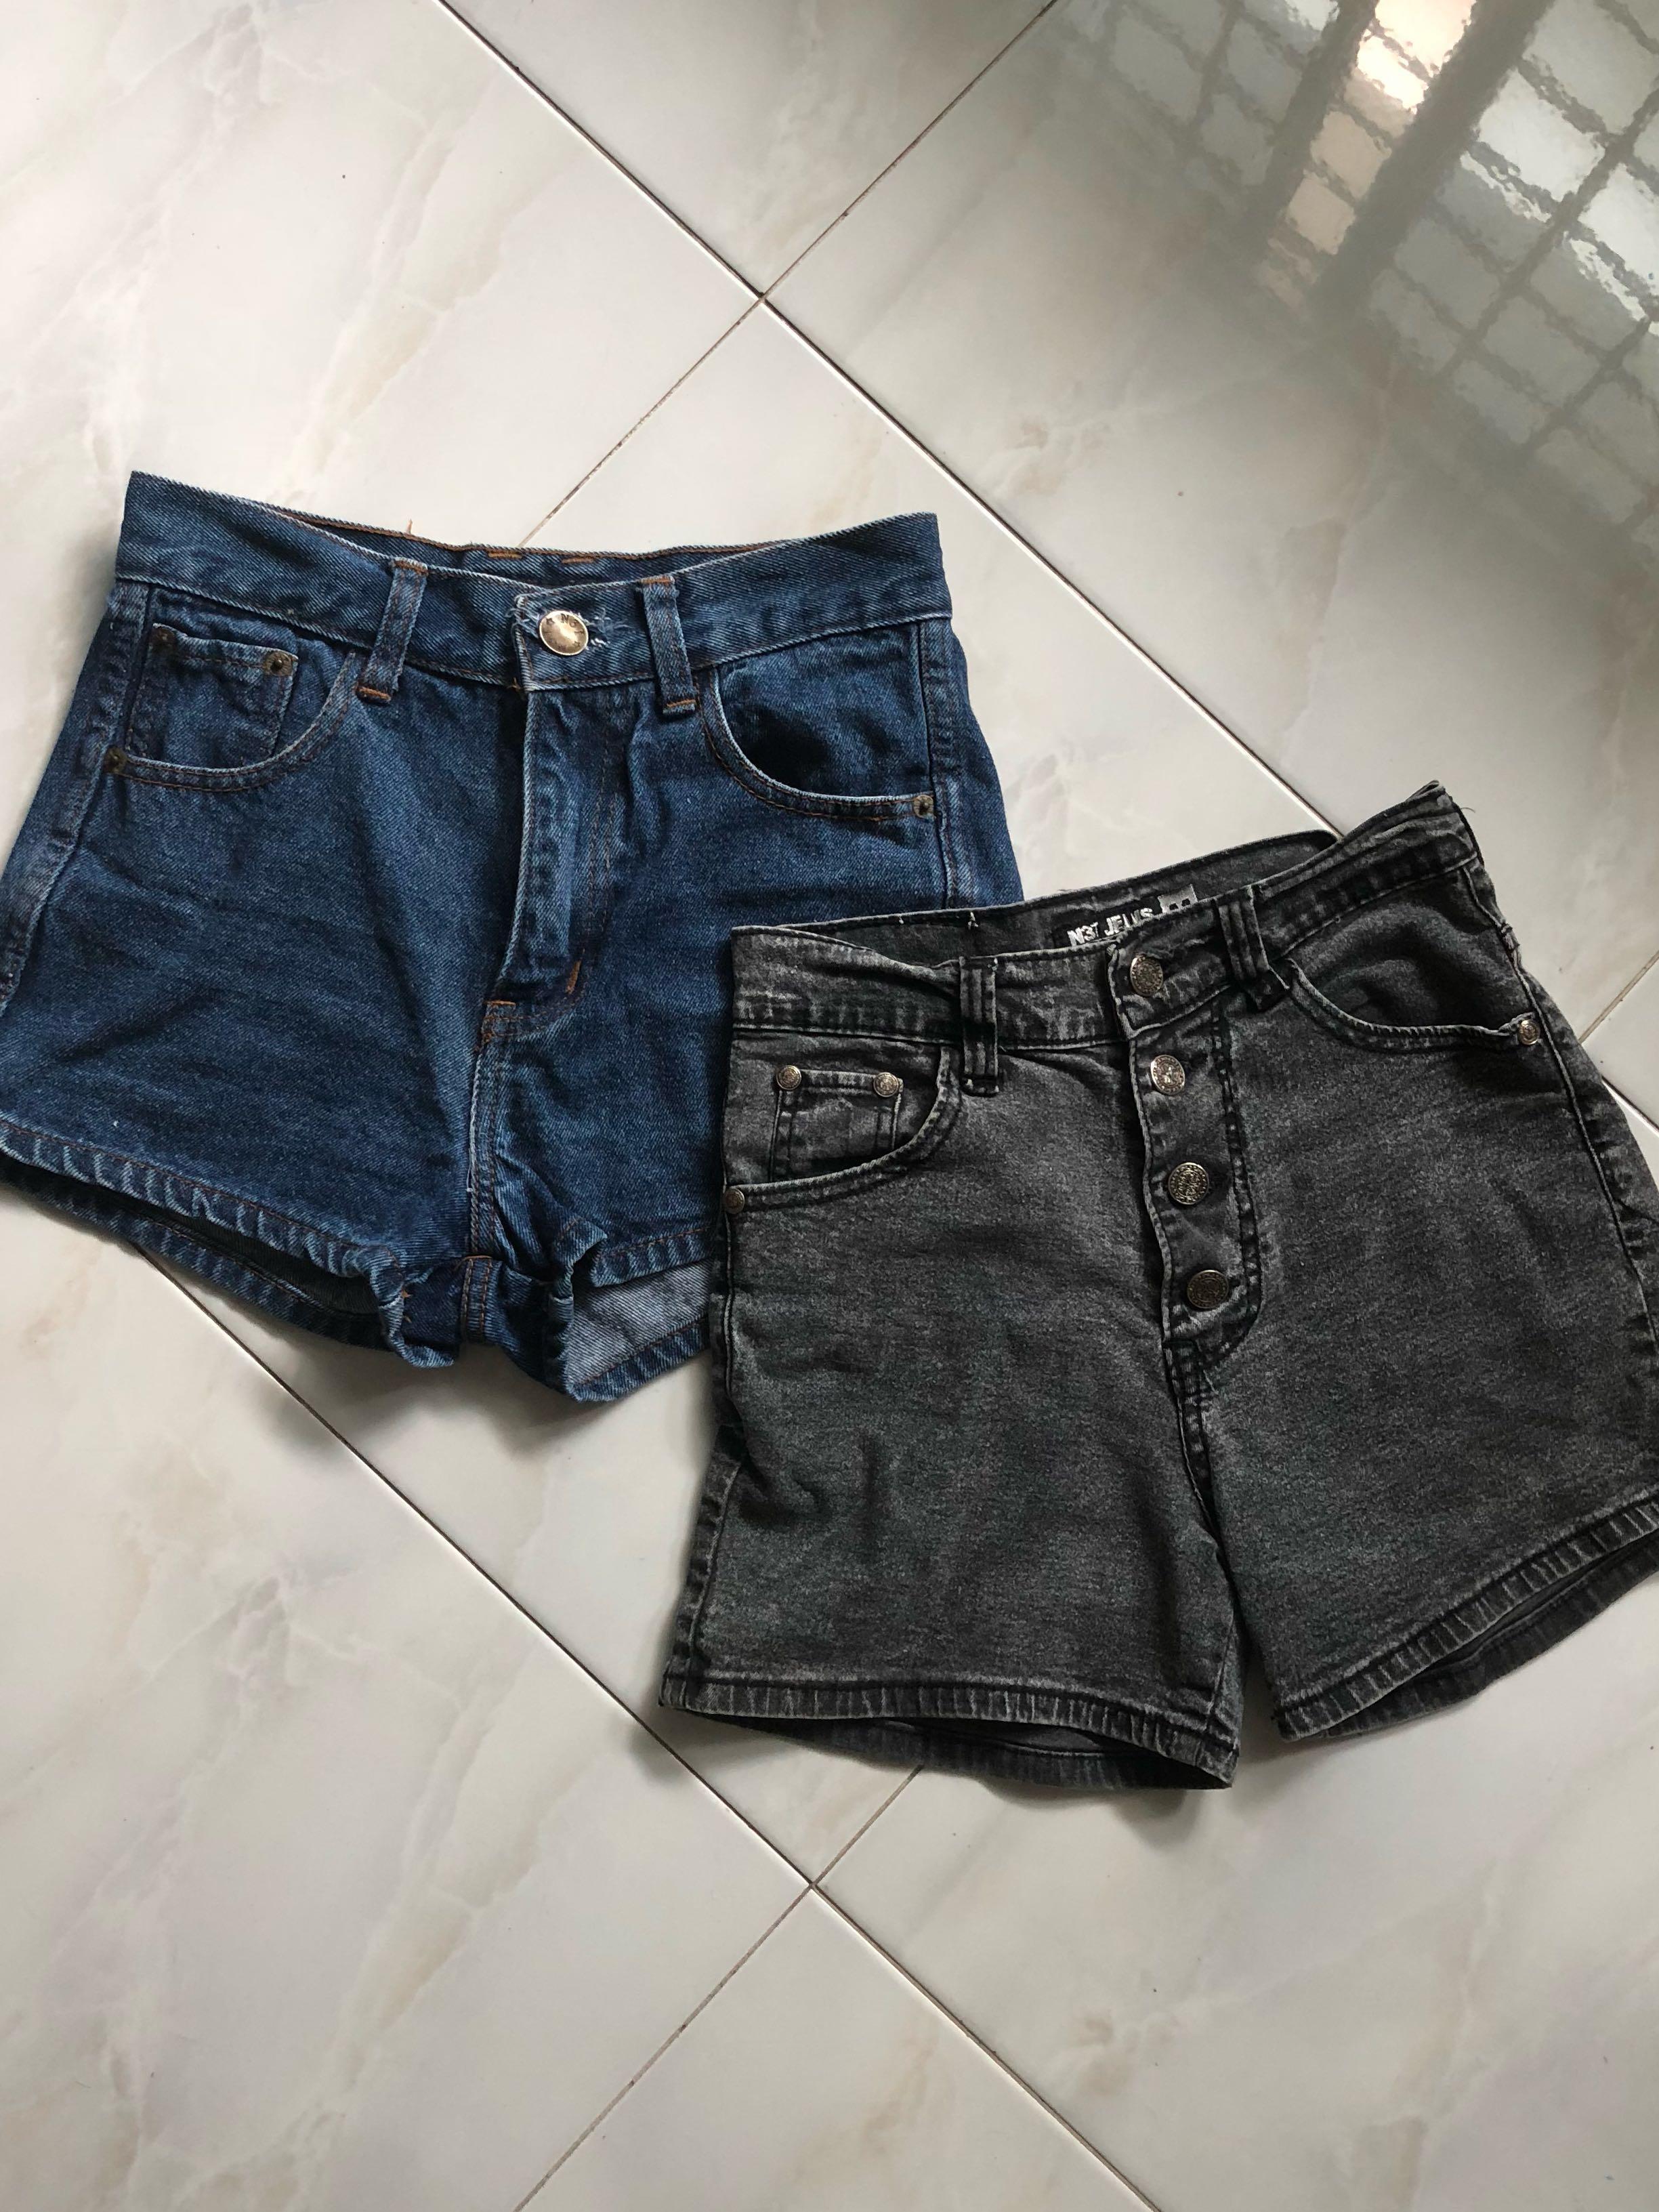 18987671f166e denim shorts( paper-bag, high waist, frayed, tie-dye), Women's ...